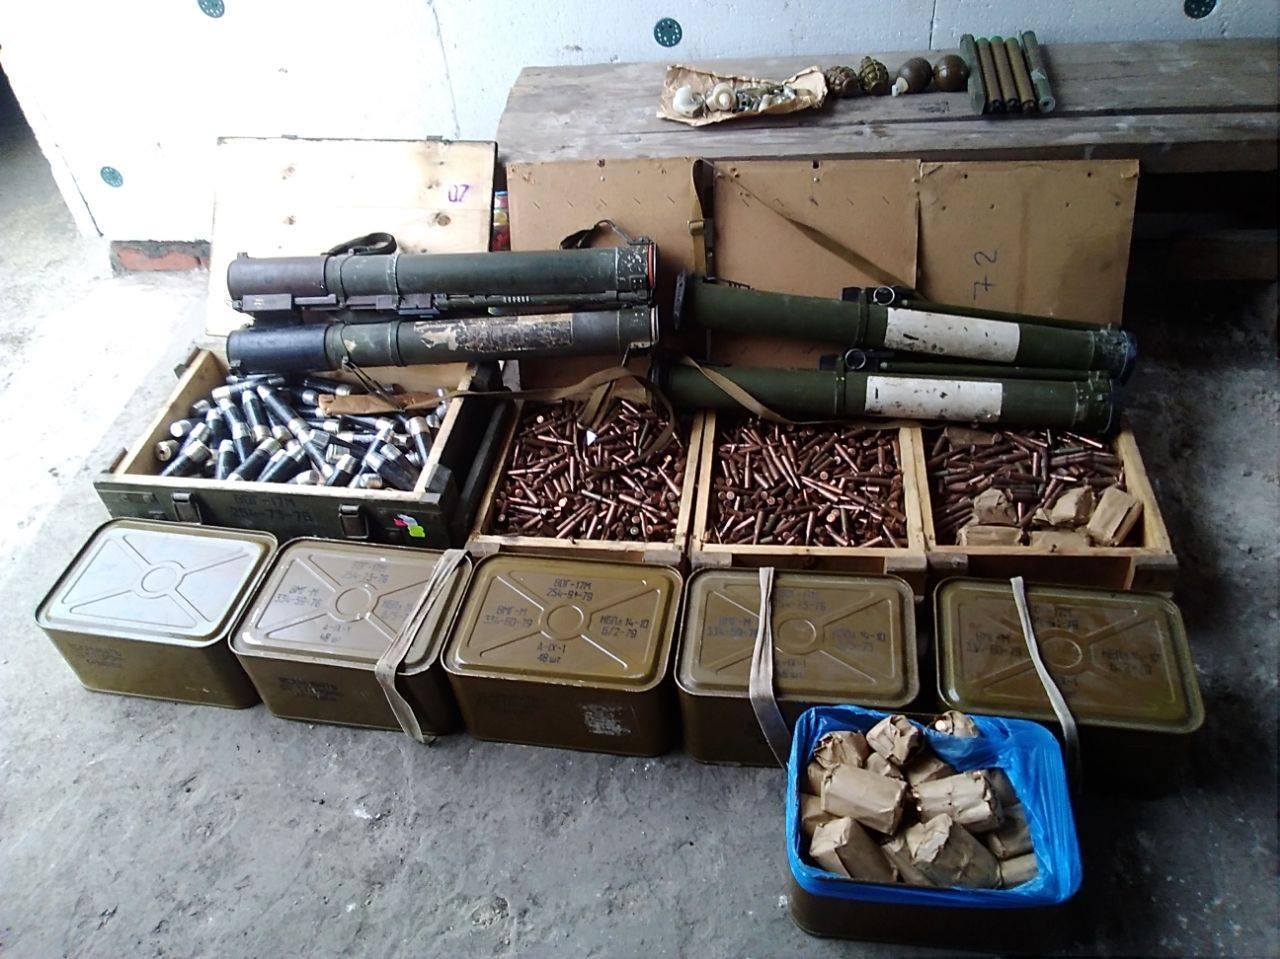 СБУ нашли 4 тайника с боеприпасами и оружием на Донбассе